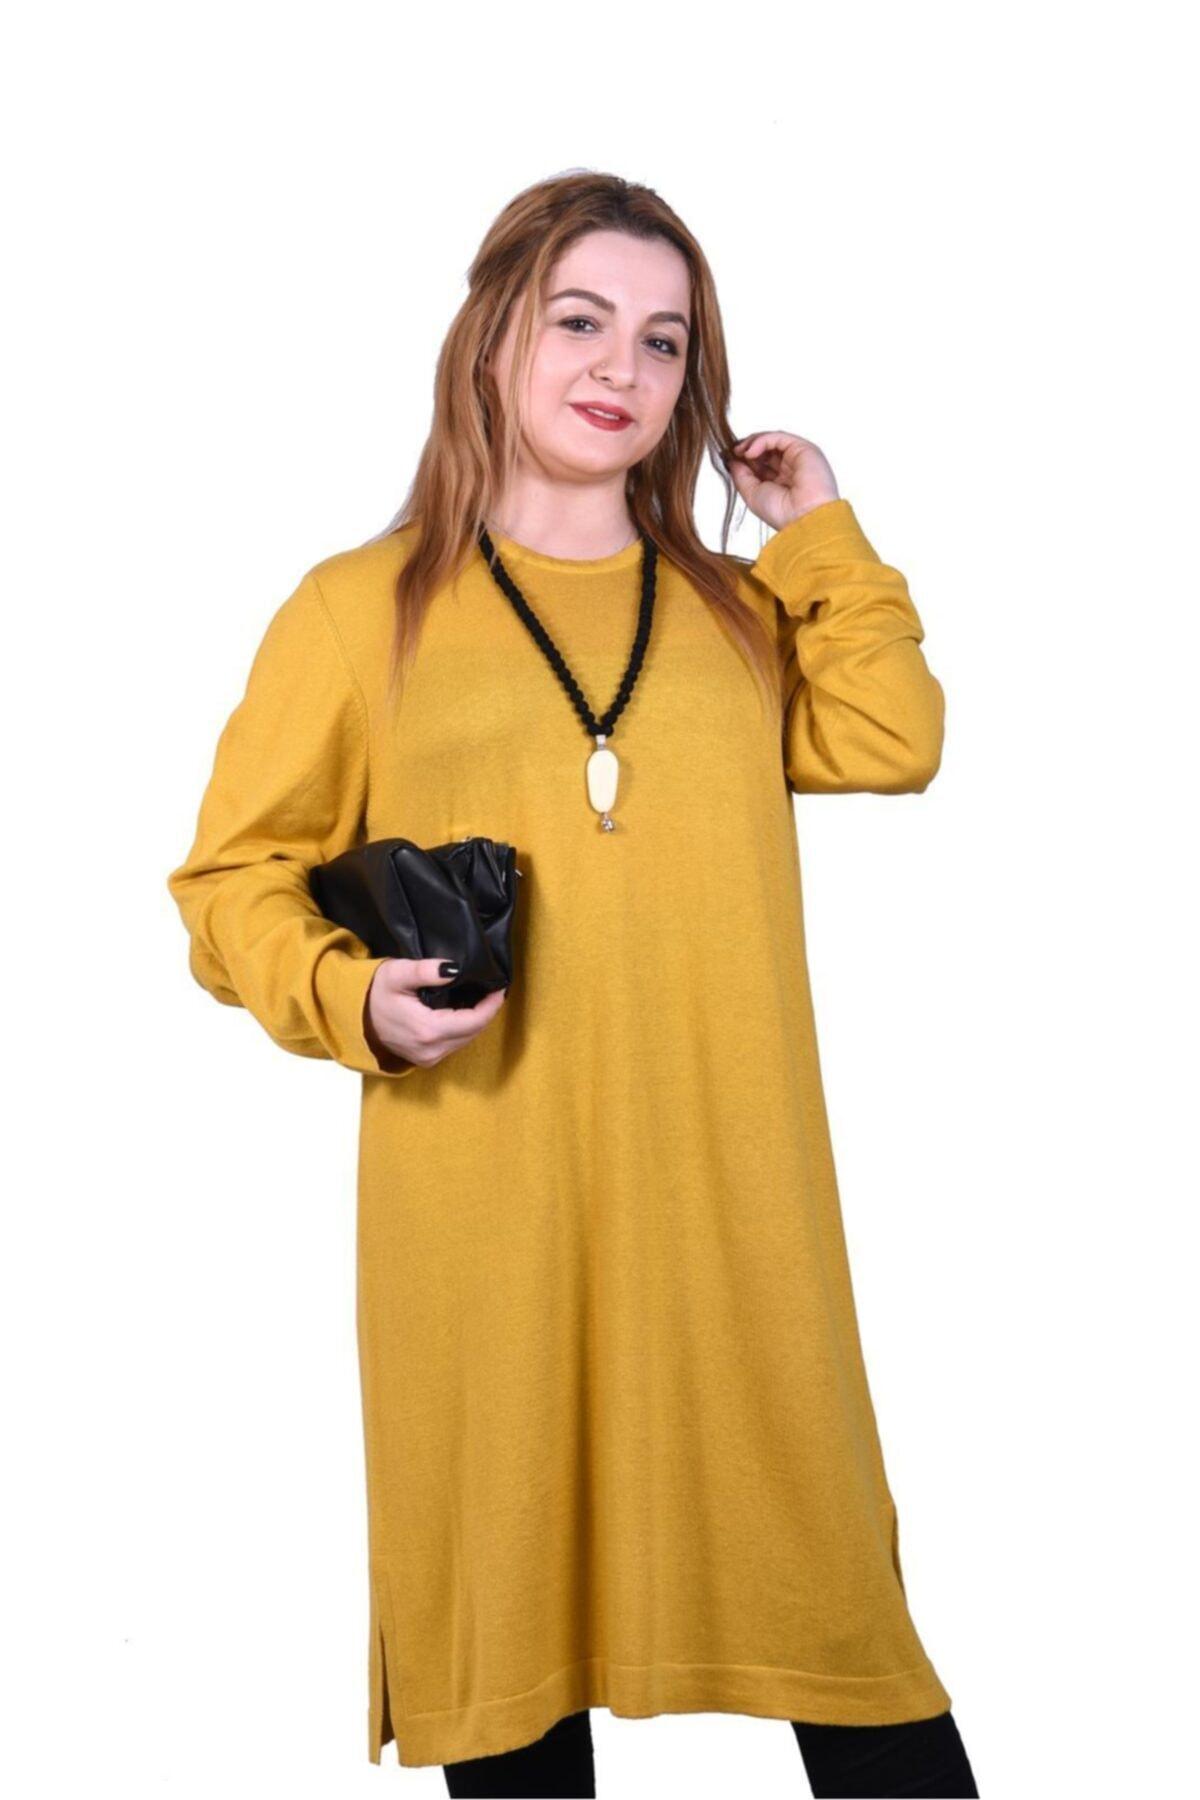 Novinza Kadın Büyük Beden Ince Örgü Basıc Triko Tunik-hardal 1